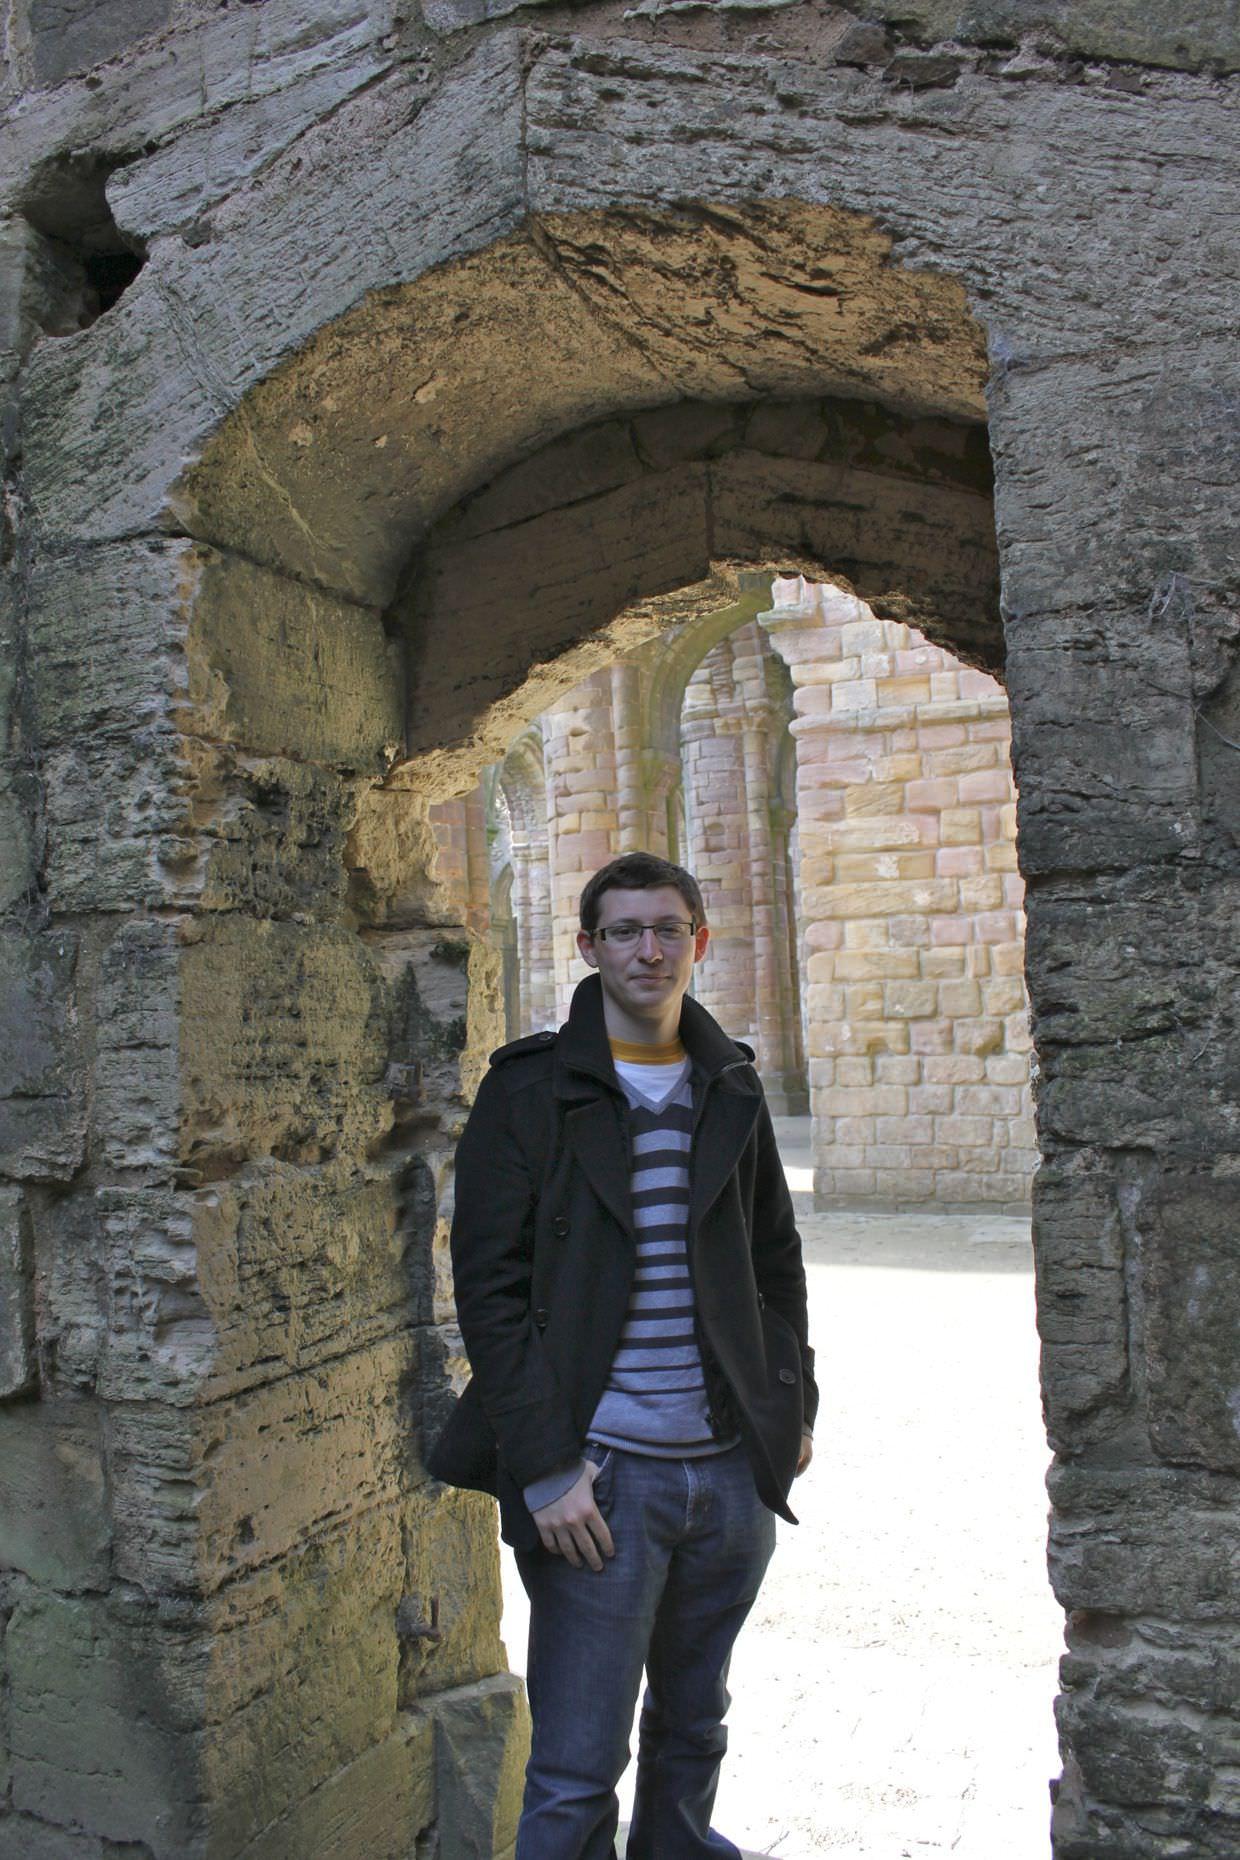 Paul in the doorway